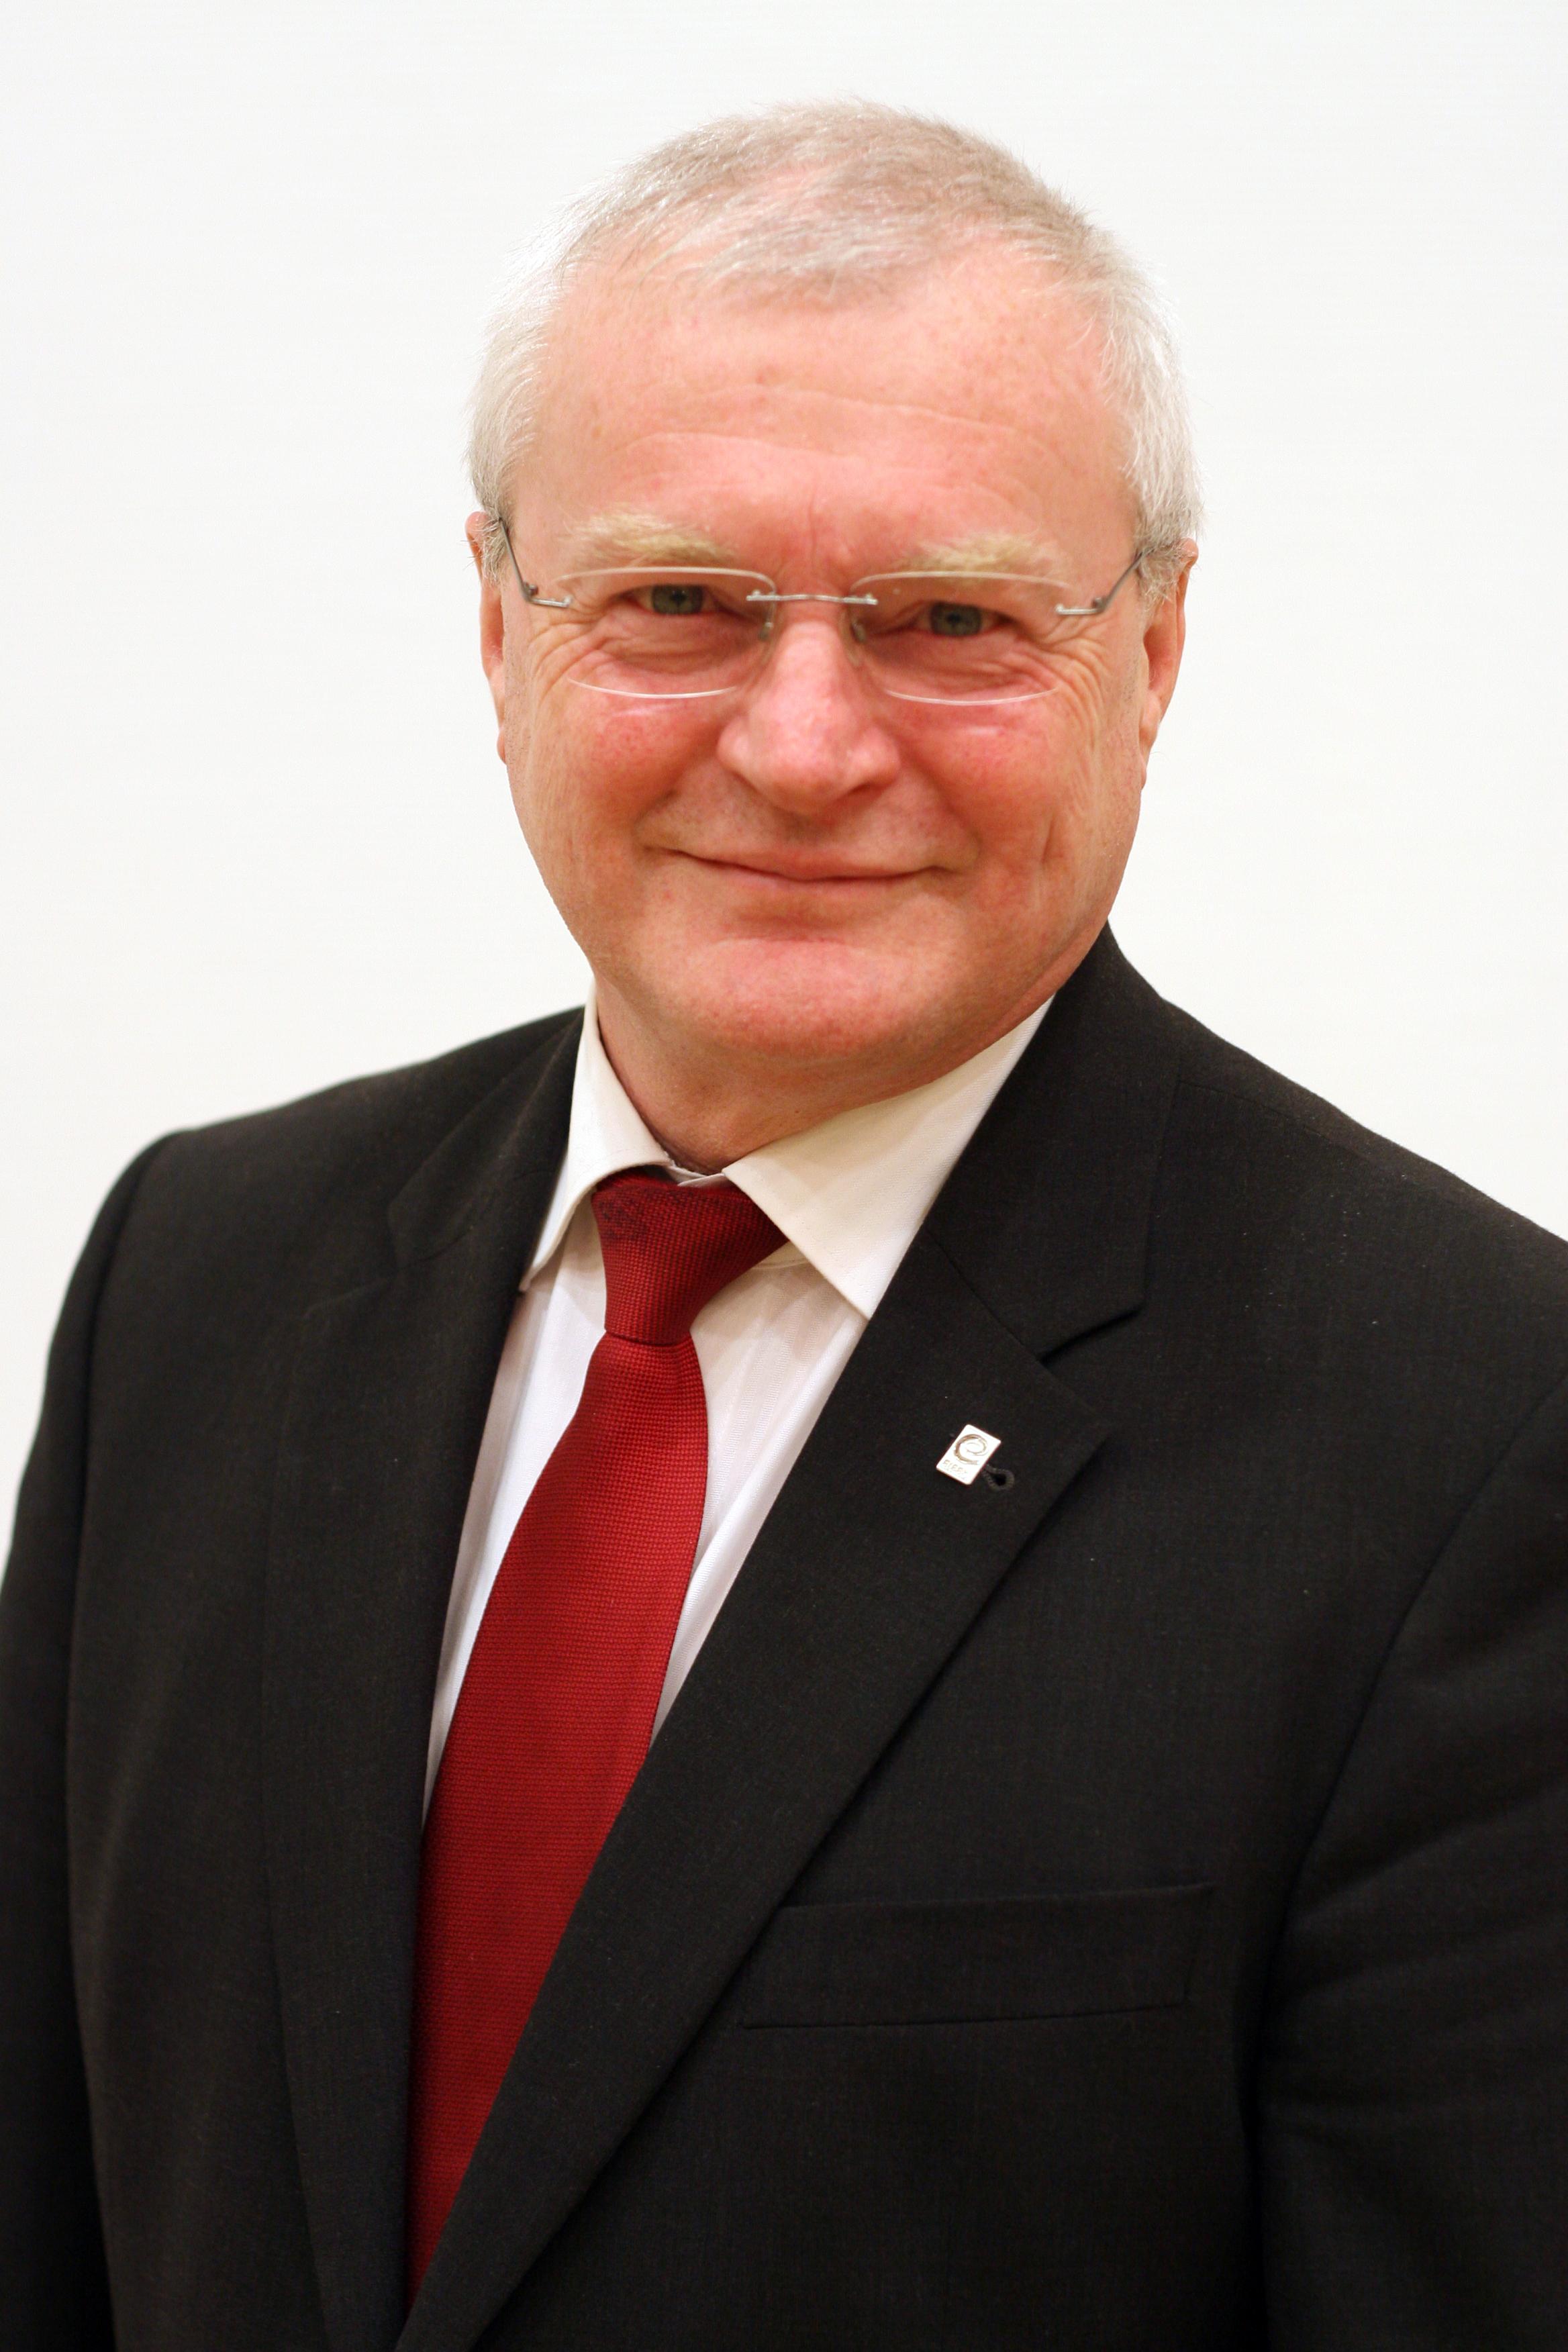 Bürgerempfang zur Kommunalwahl 2014 mit Staatsminister Roger Lewentz